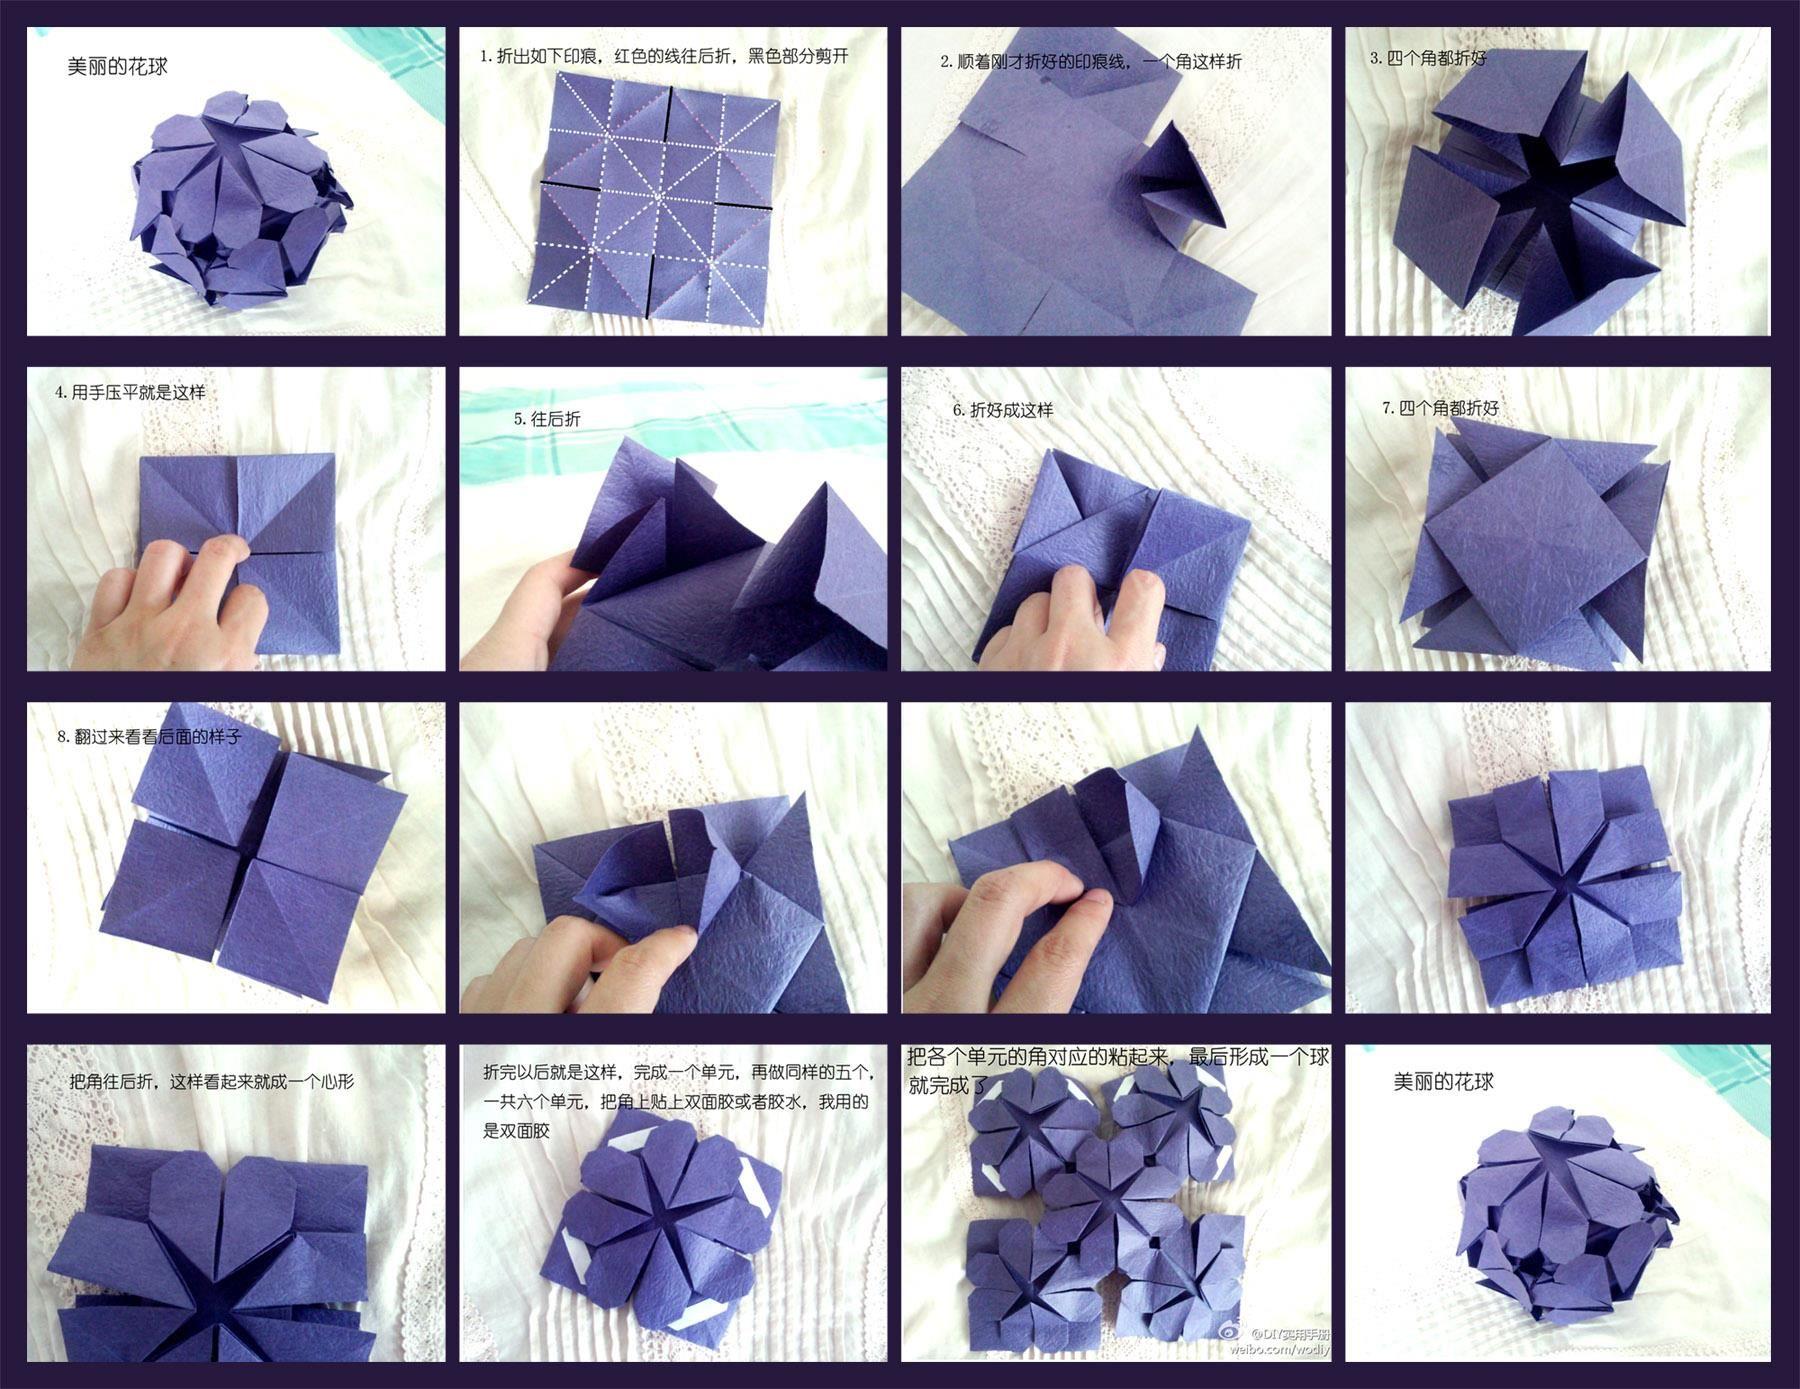 Как сшить галстук-бабочку в 10 простых шагов Ярмарка Мастеров 98